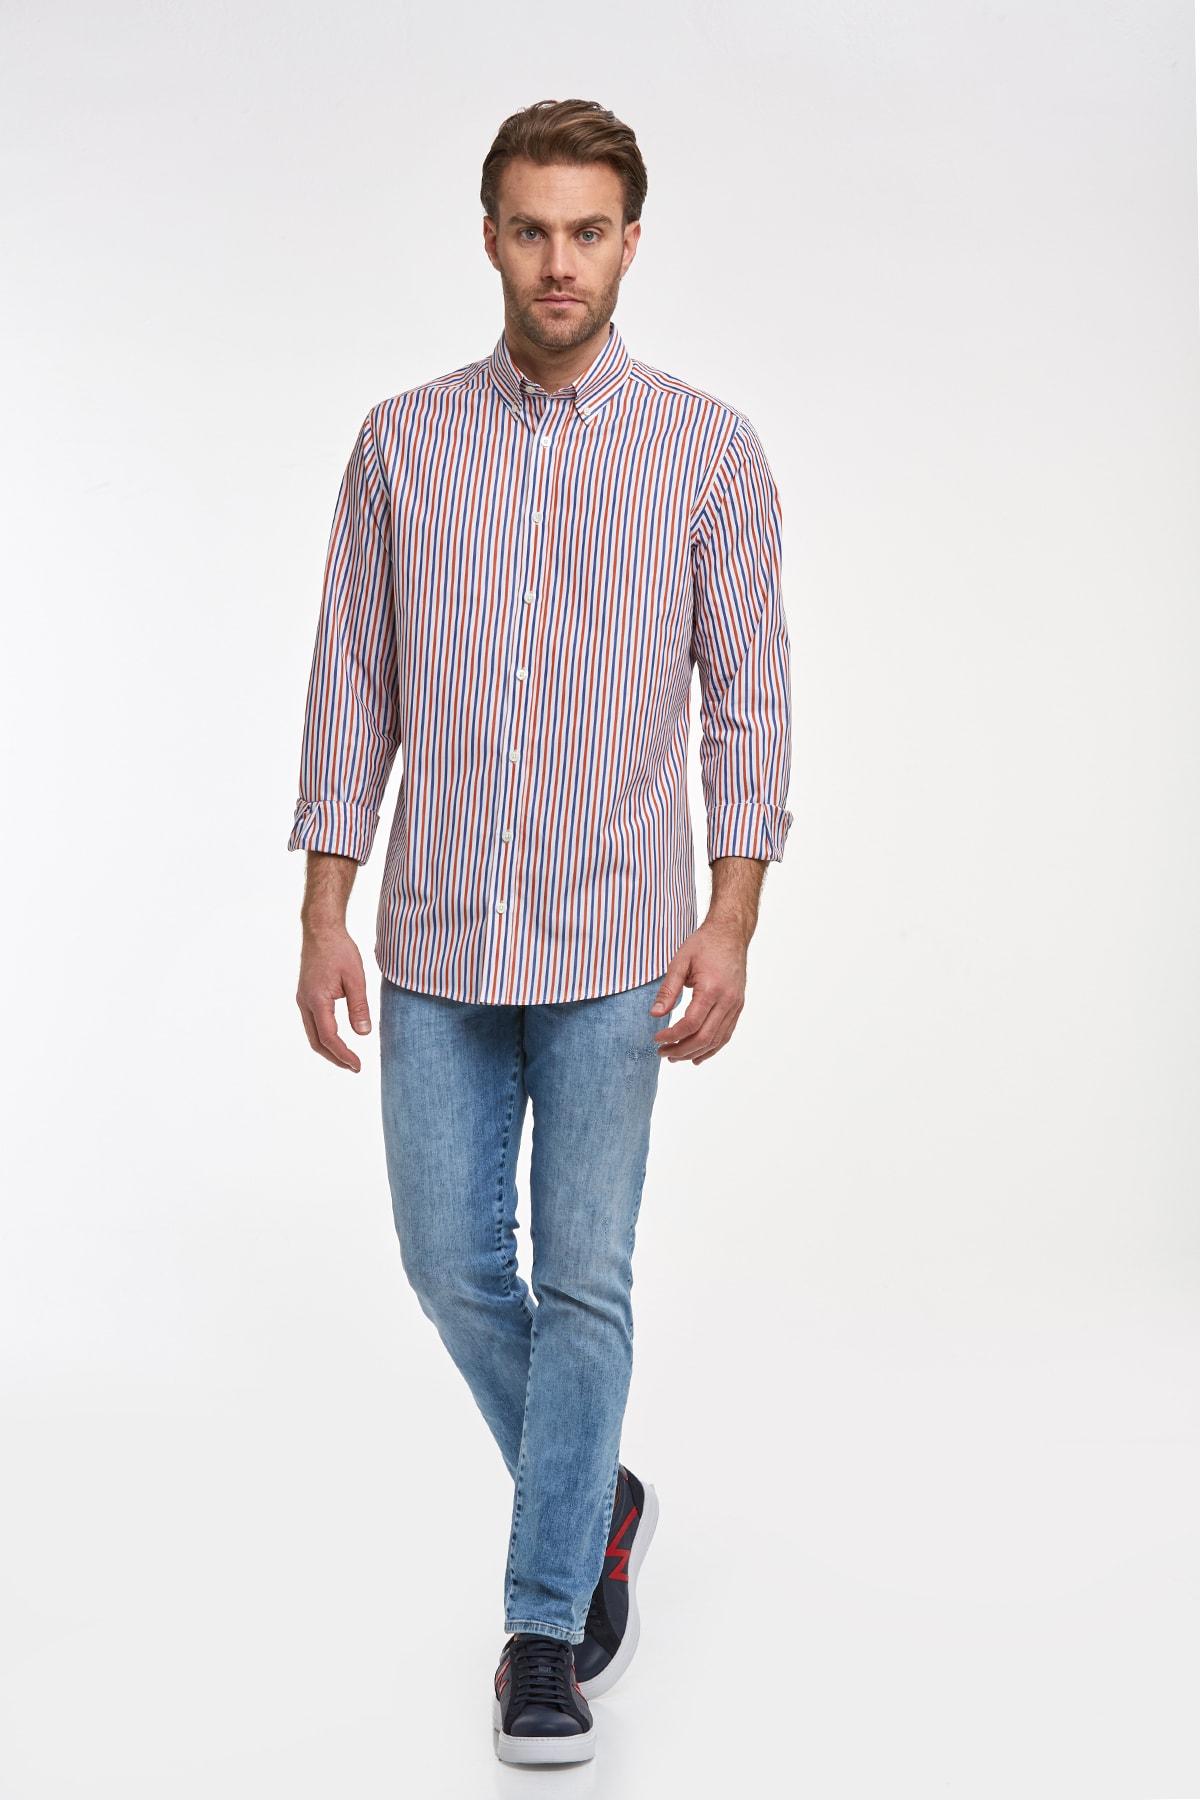 Hemington Kırmızı Mavi Çizgili Pamuk Spor Gömlek 2